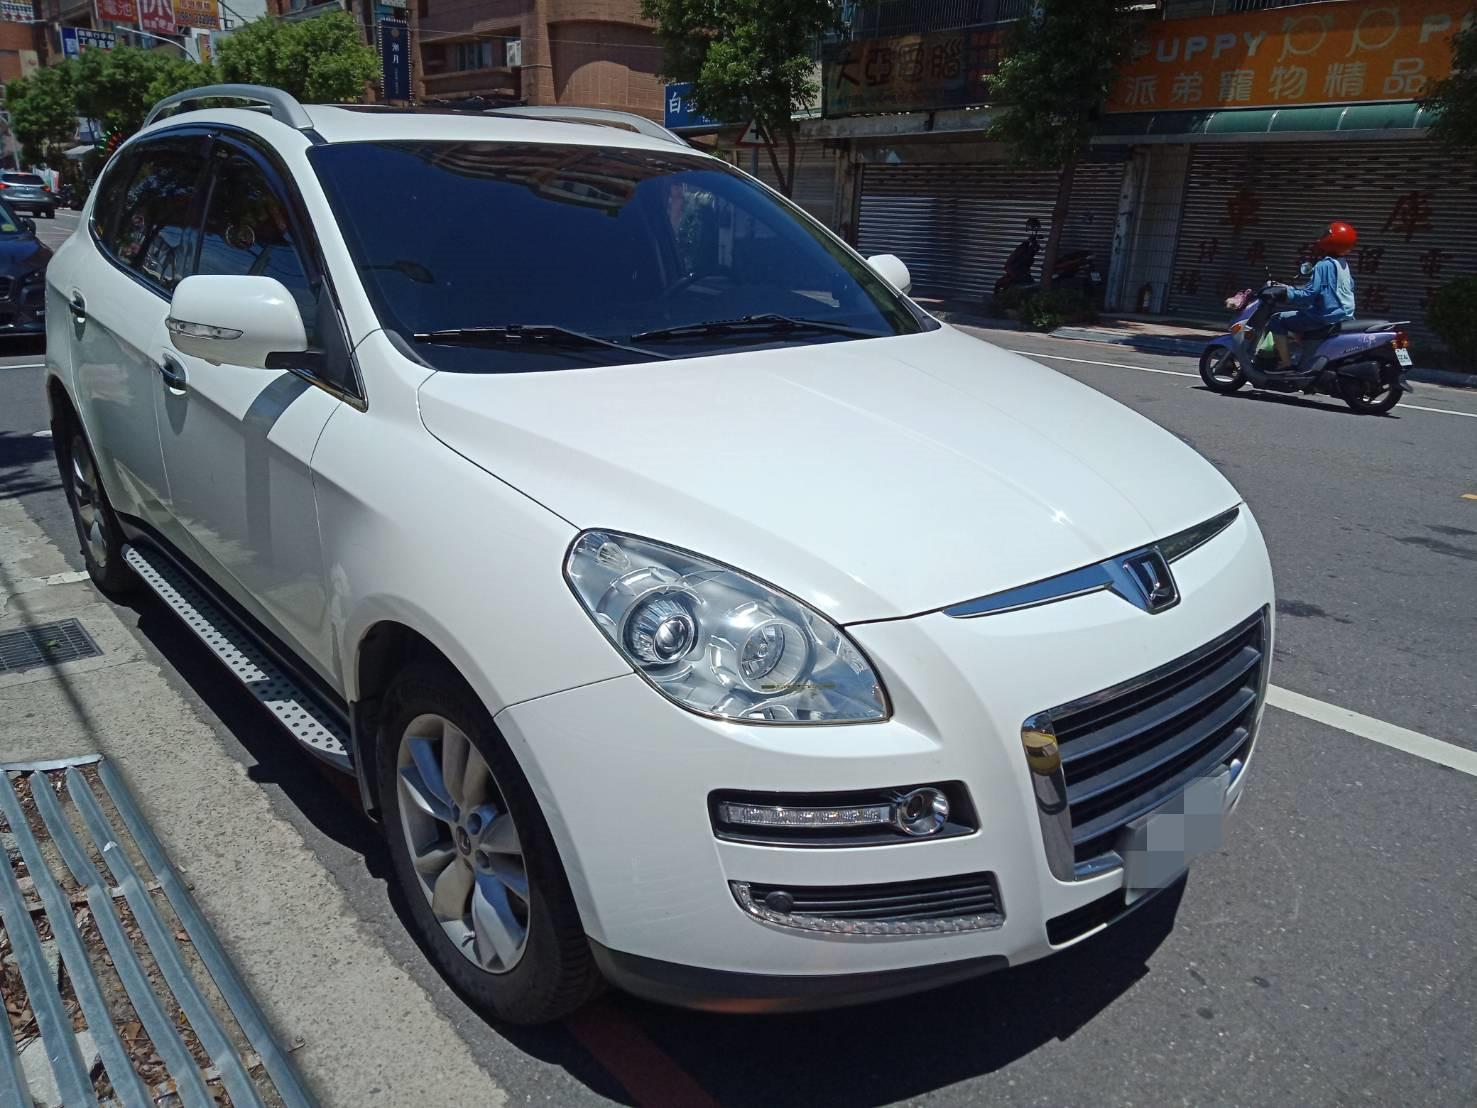 2011年 U7 白 旗艦版 2.2 跑8萬 熱門車中古車二手車